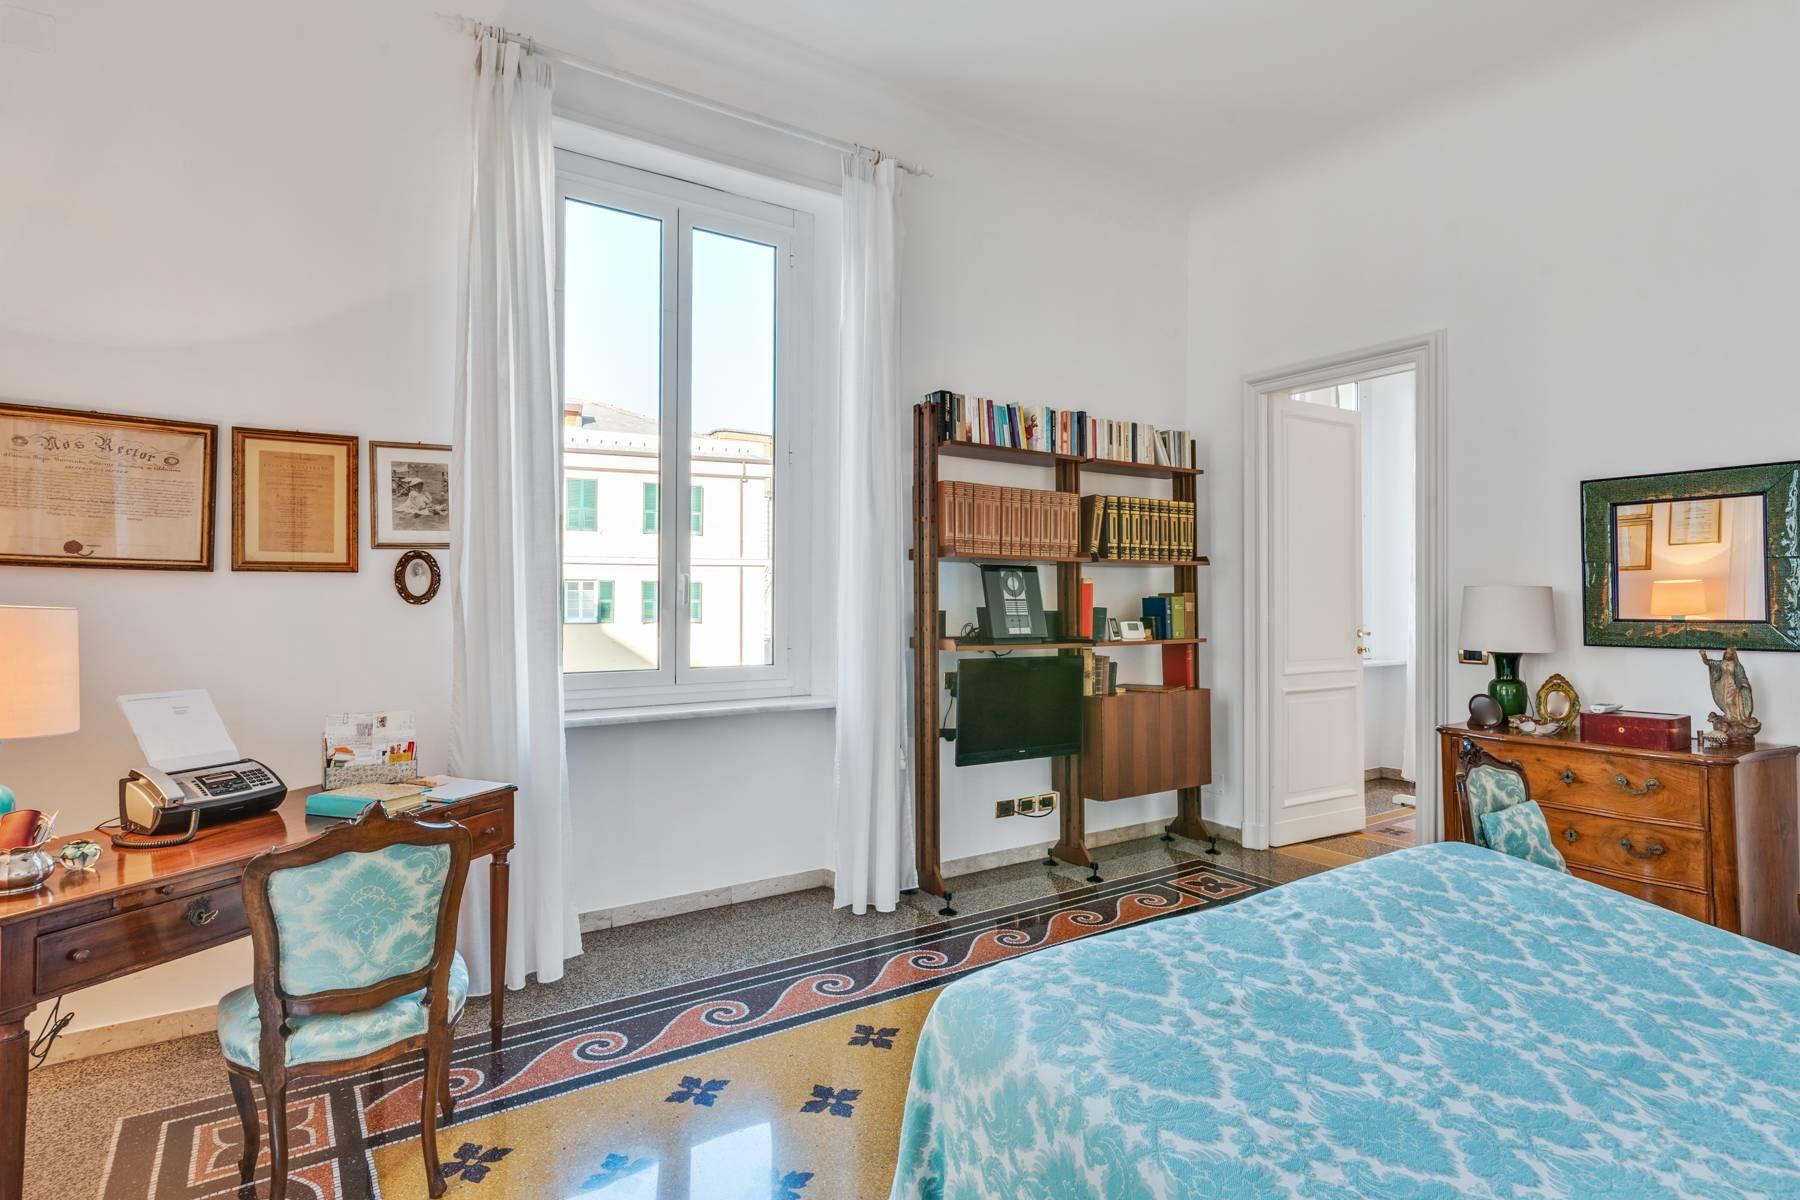 Elegante 275 qm Wohnung im antiken Palast in Carignano - 20